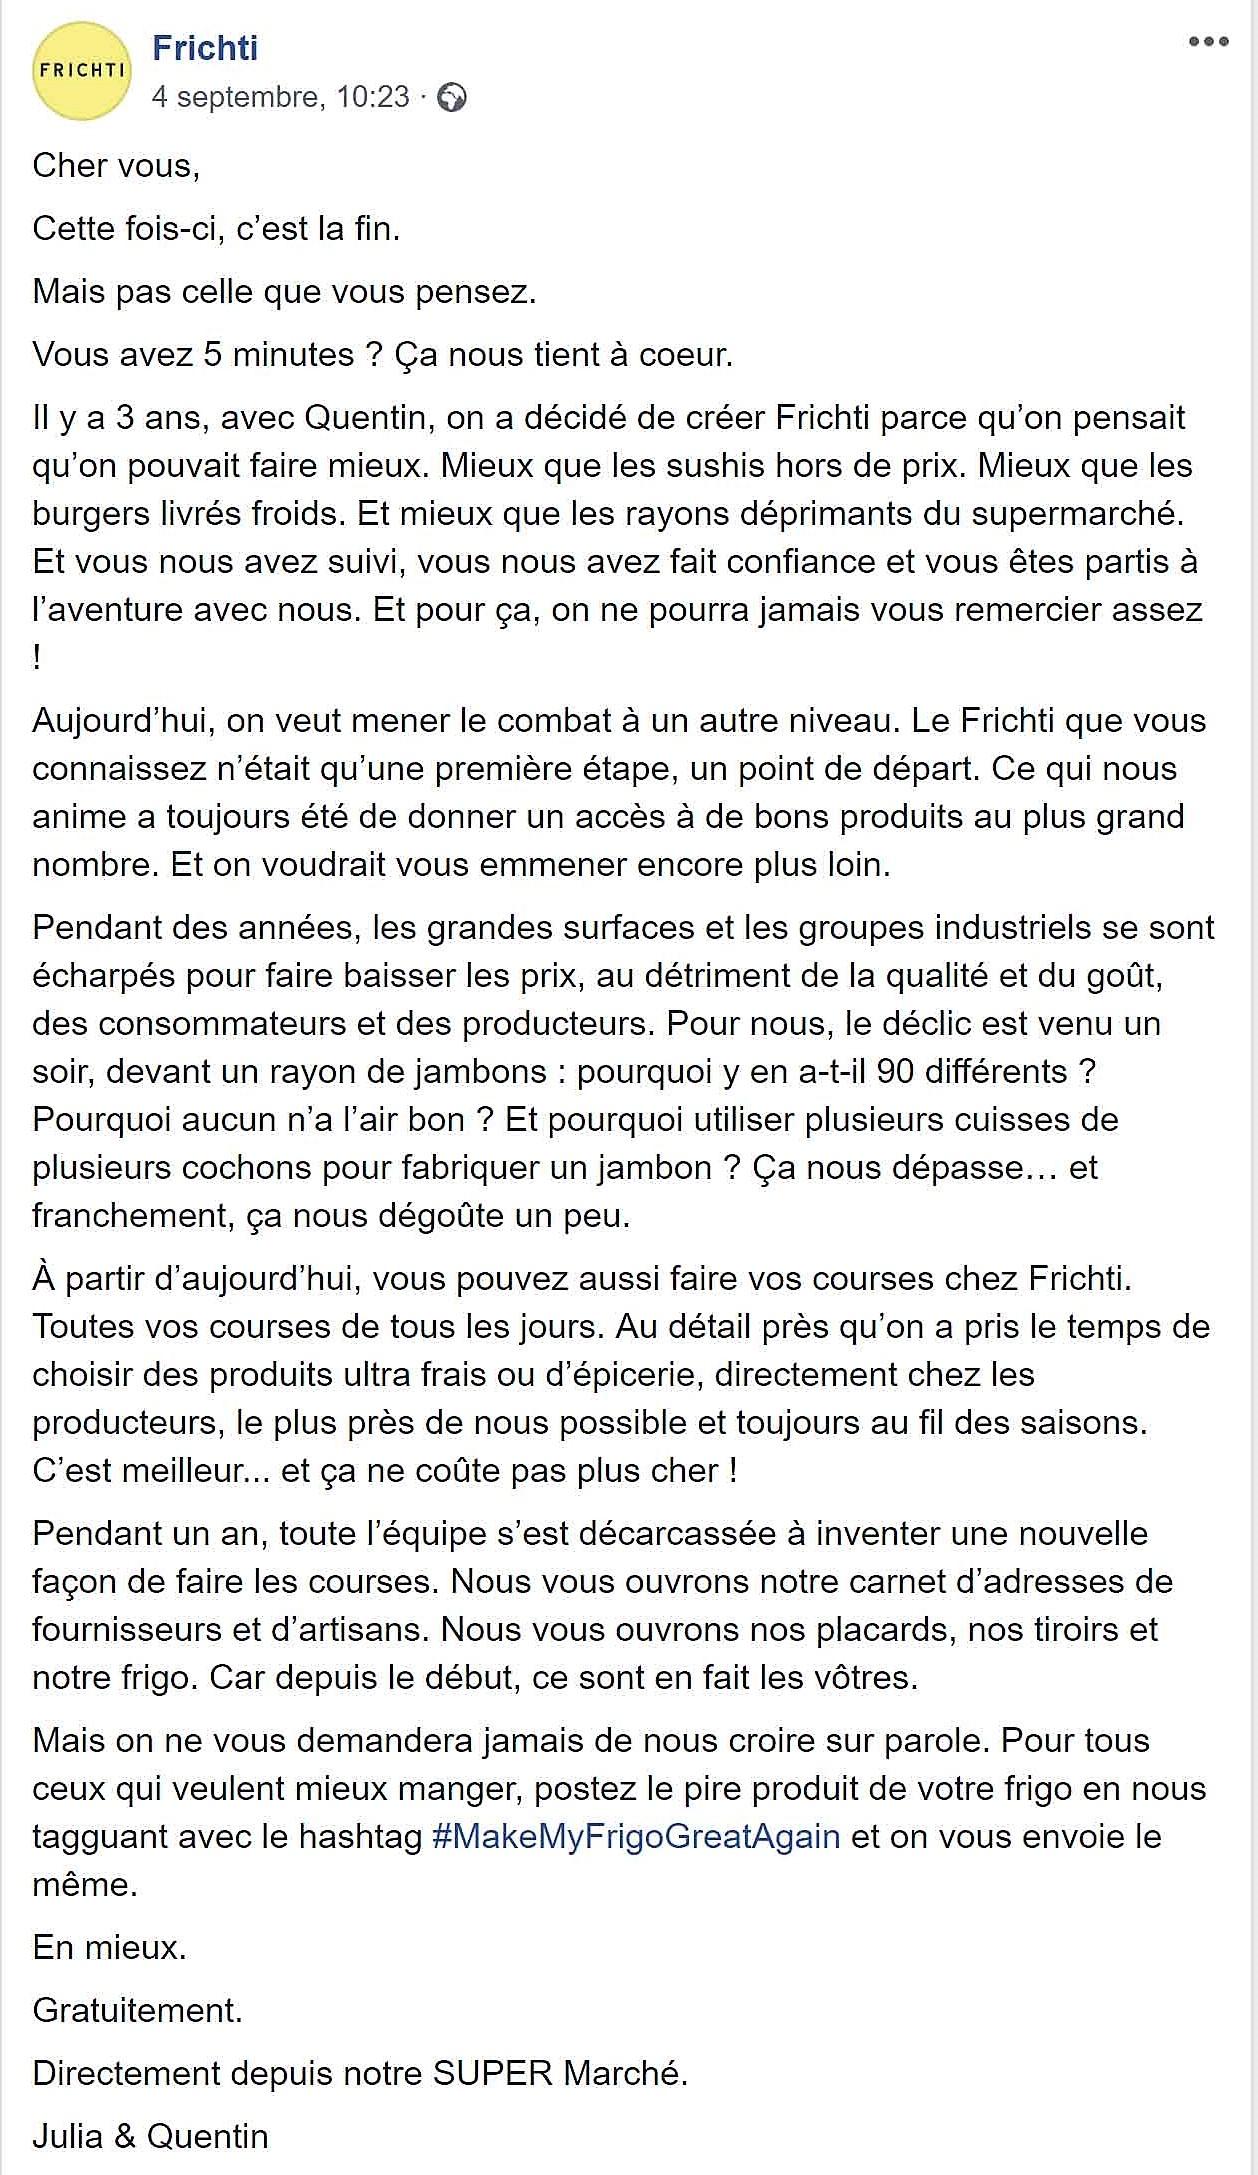 frichti-super-marche-%23makemyfrigogreatagain